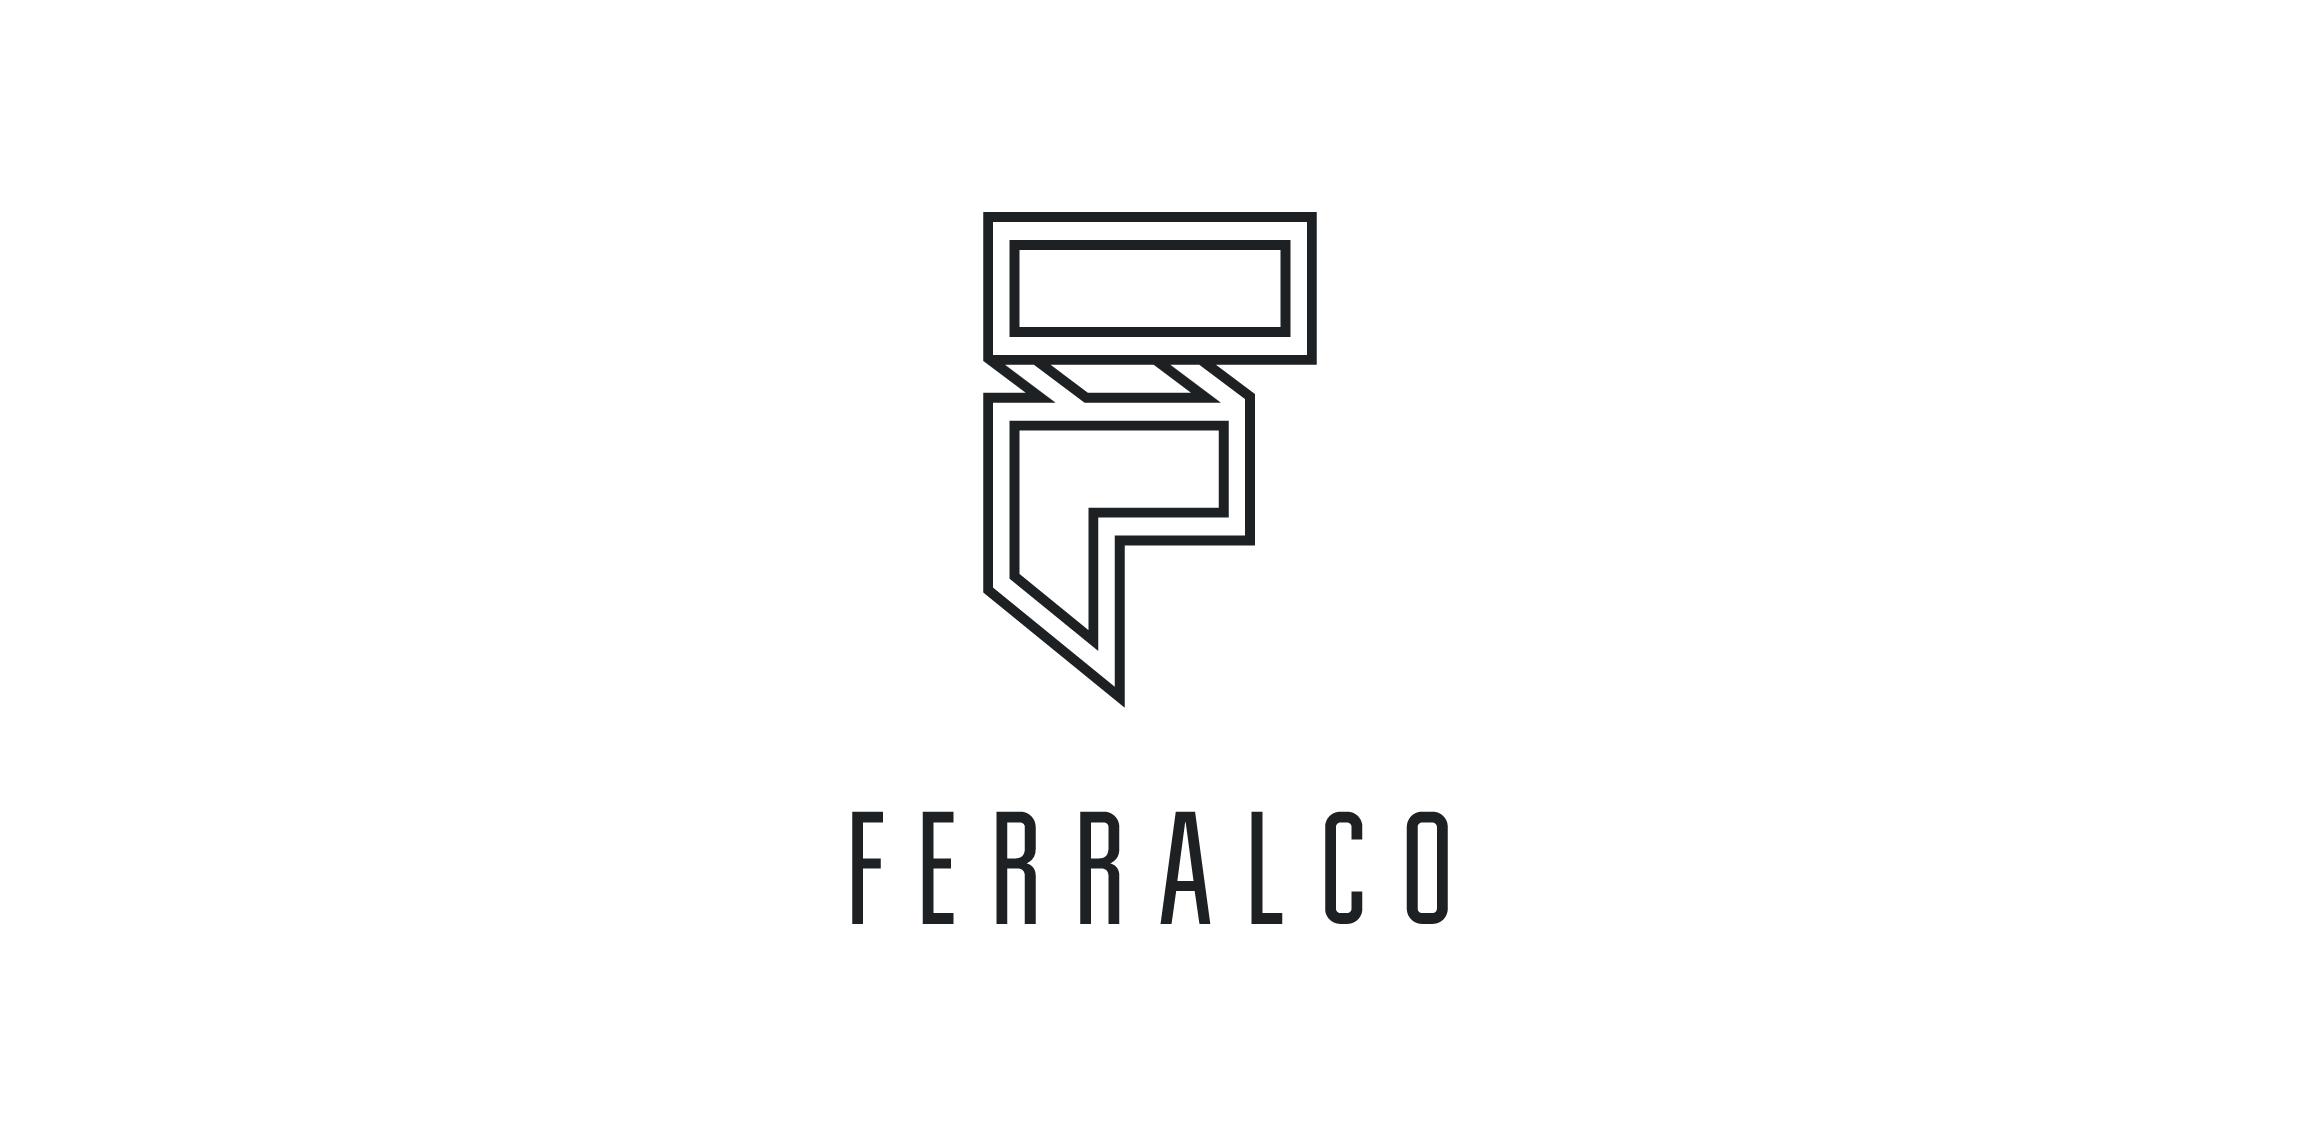 Ferralco